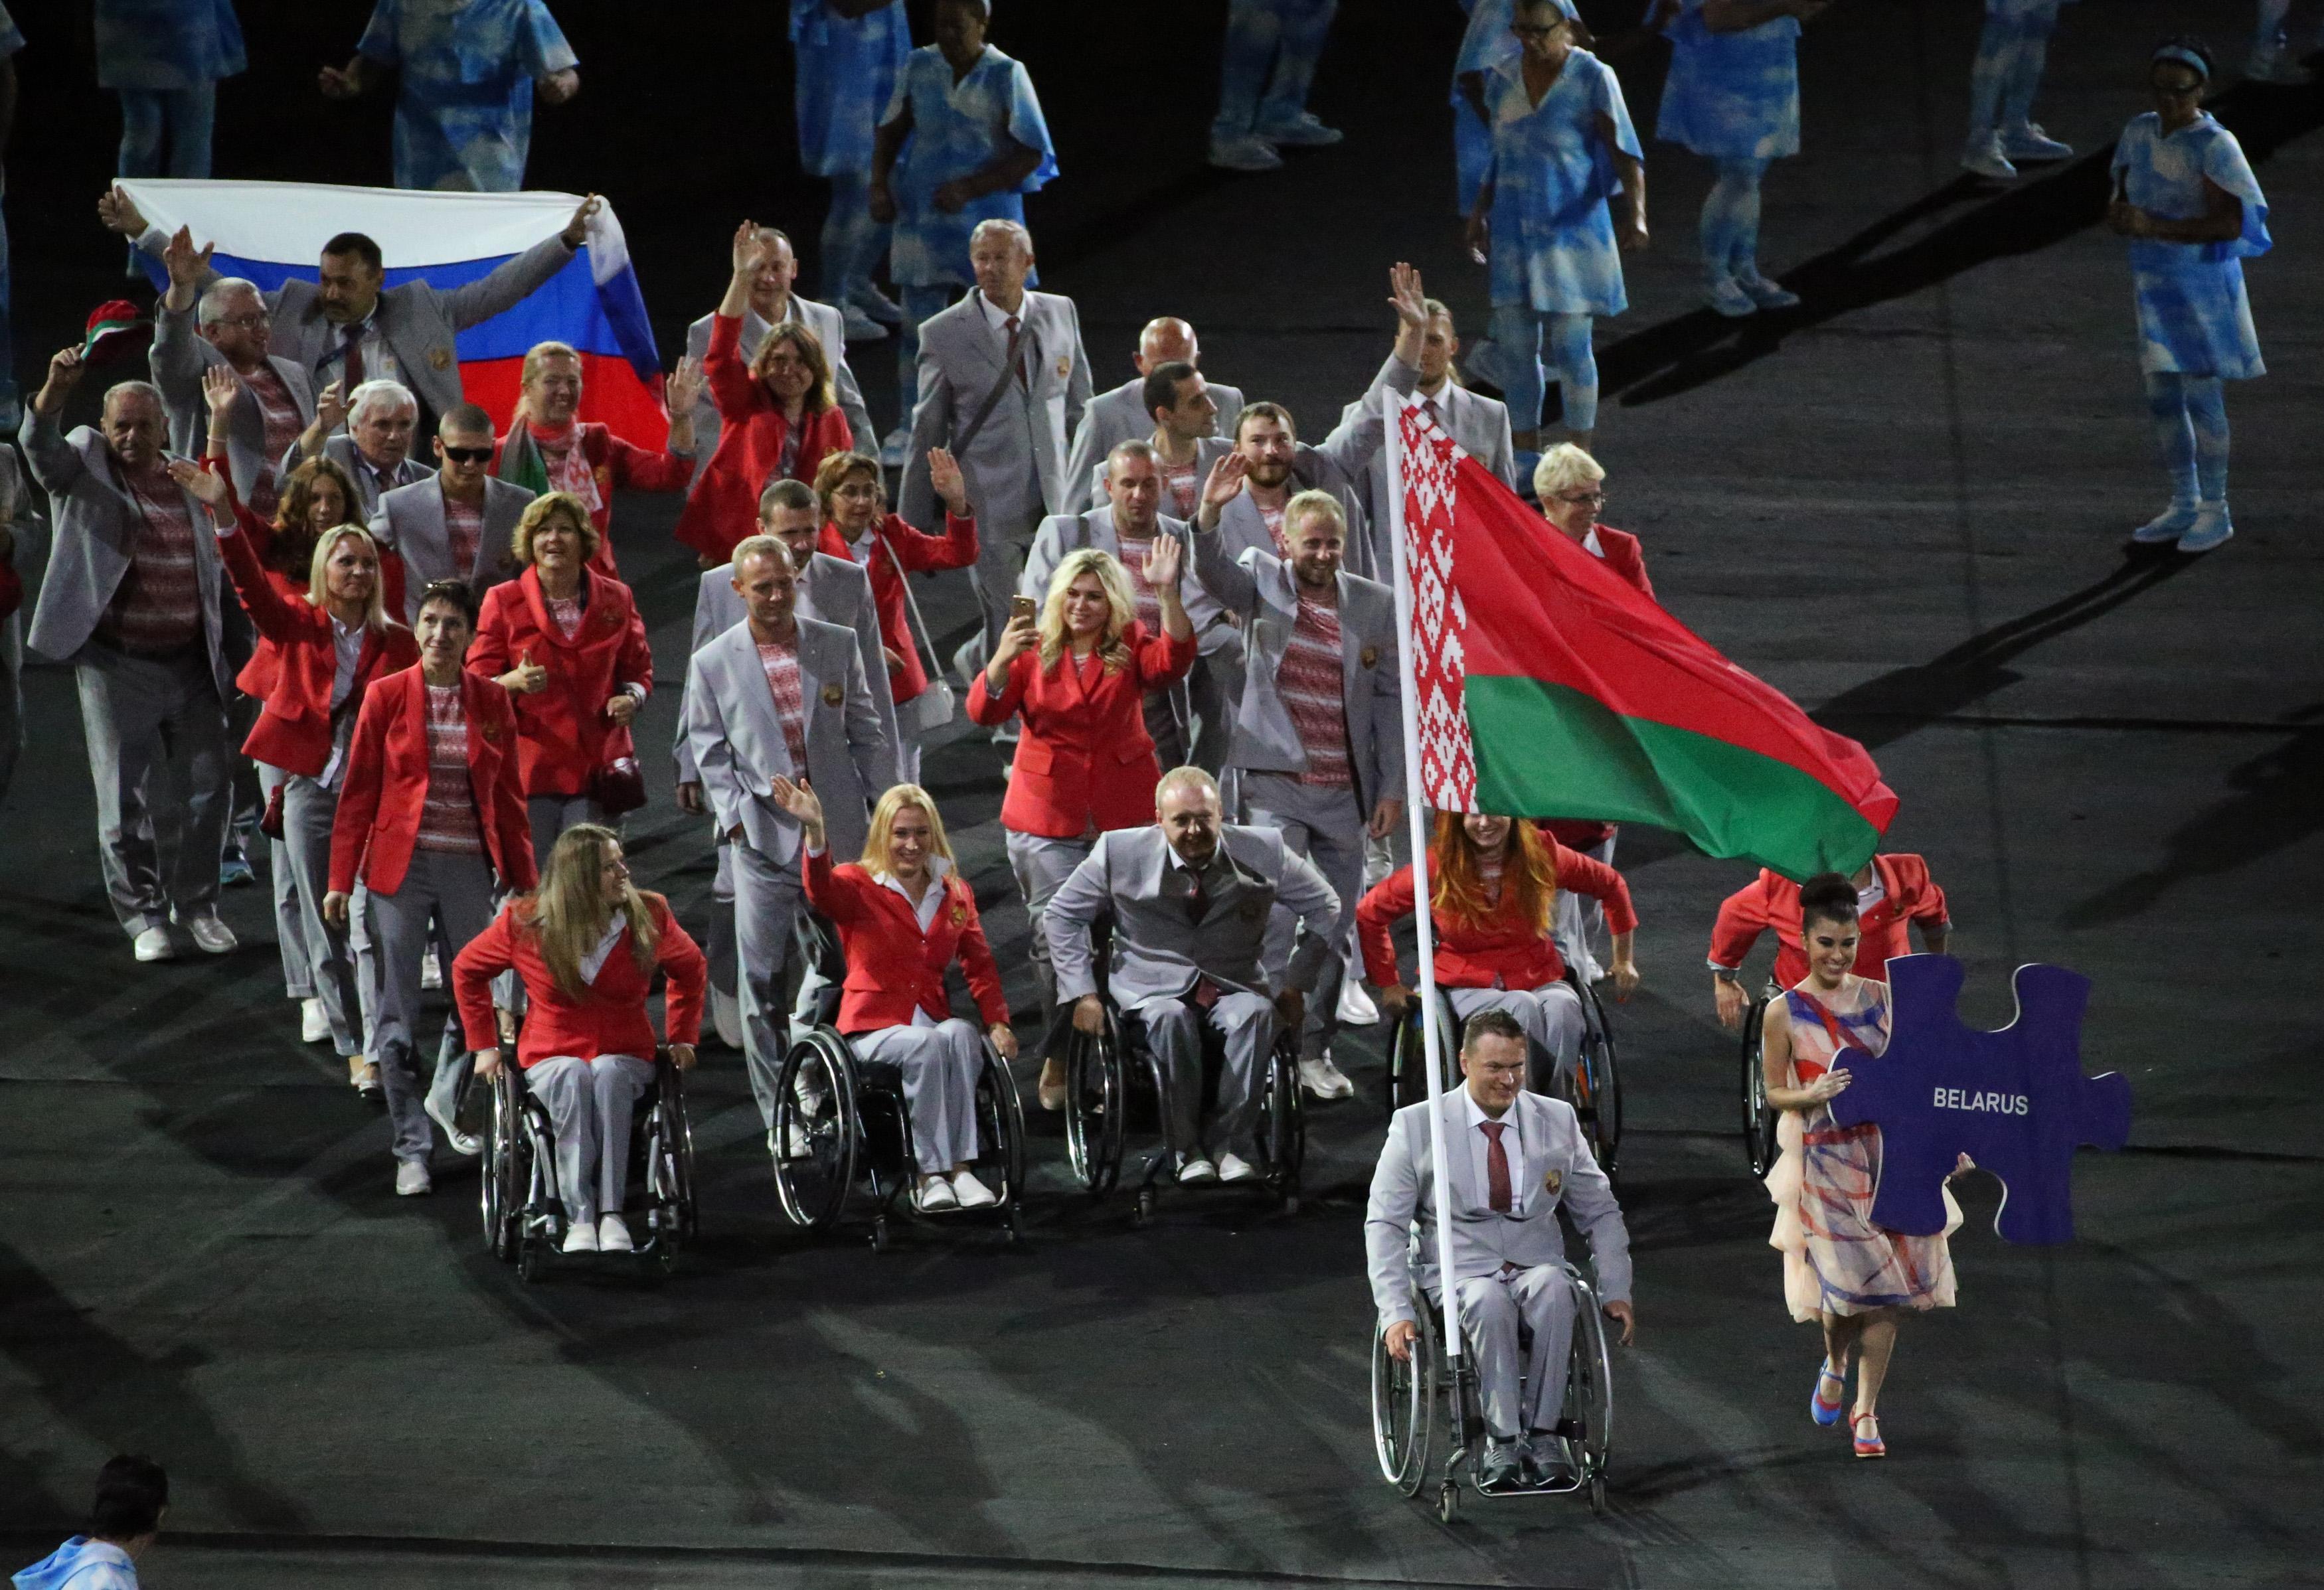 Многофункциональный центр подготовки паралимпийцев будет построен в Михановичах